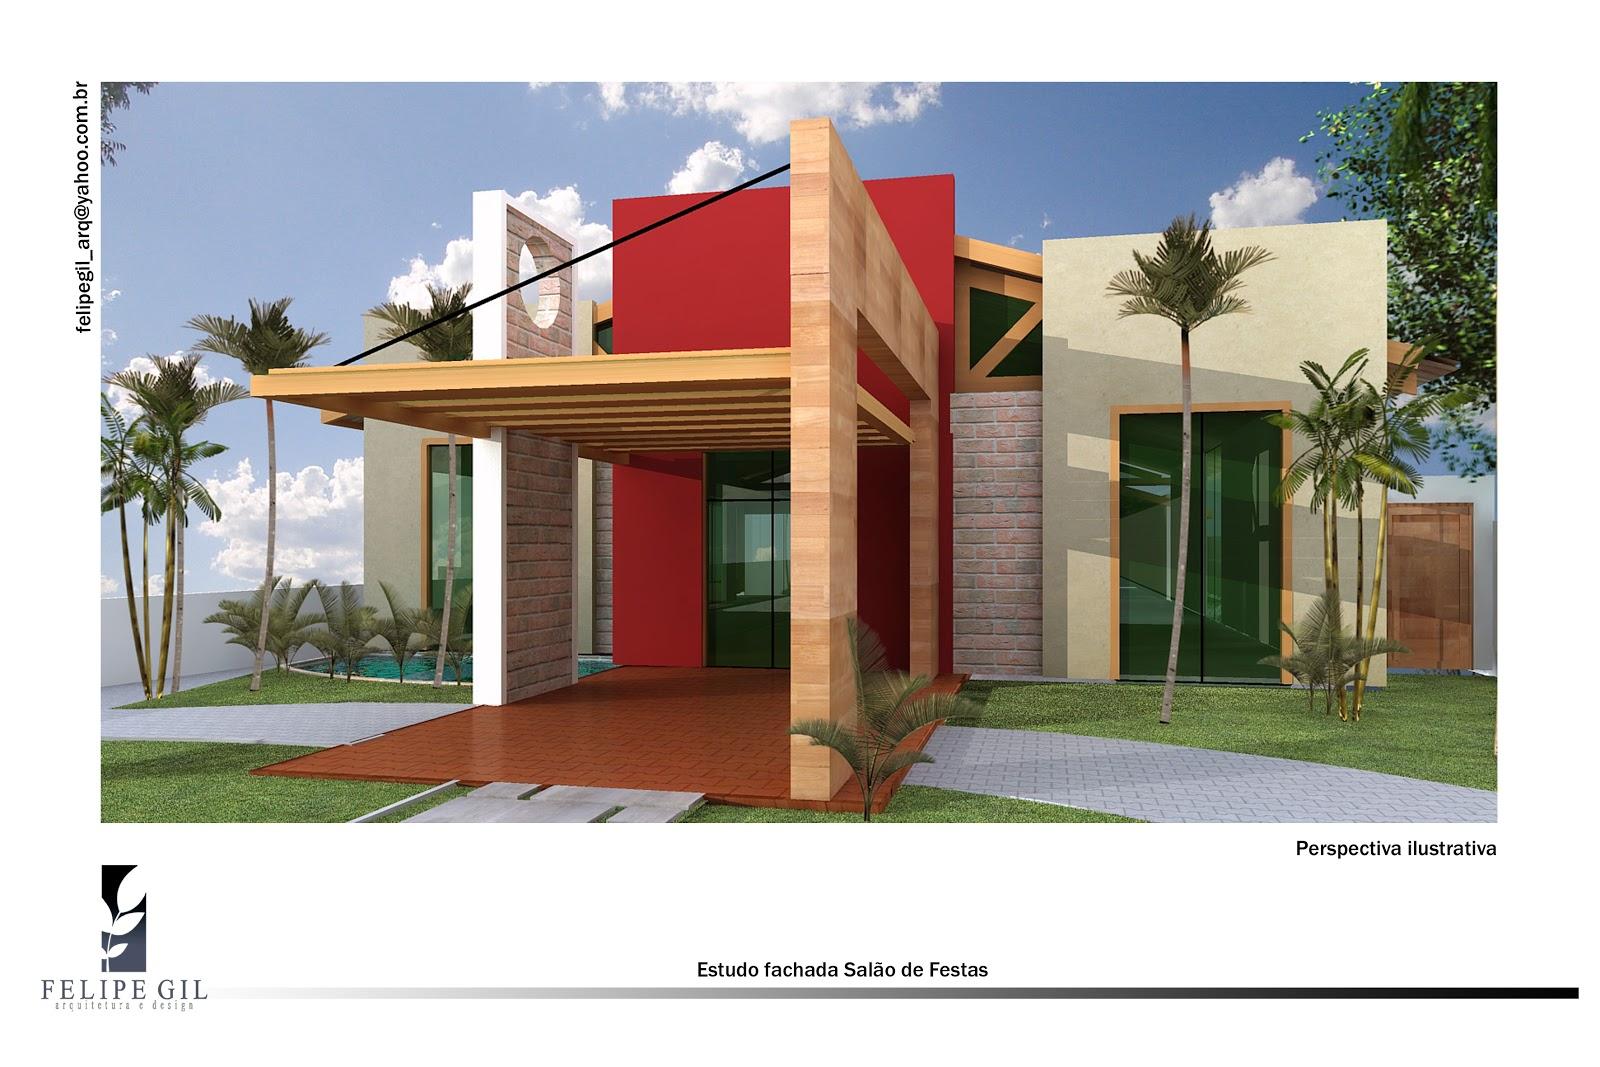 CasaEco Arquitetura e Design: Projeto Salão de Festas #A4272A 1600 1067